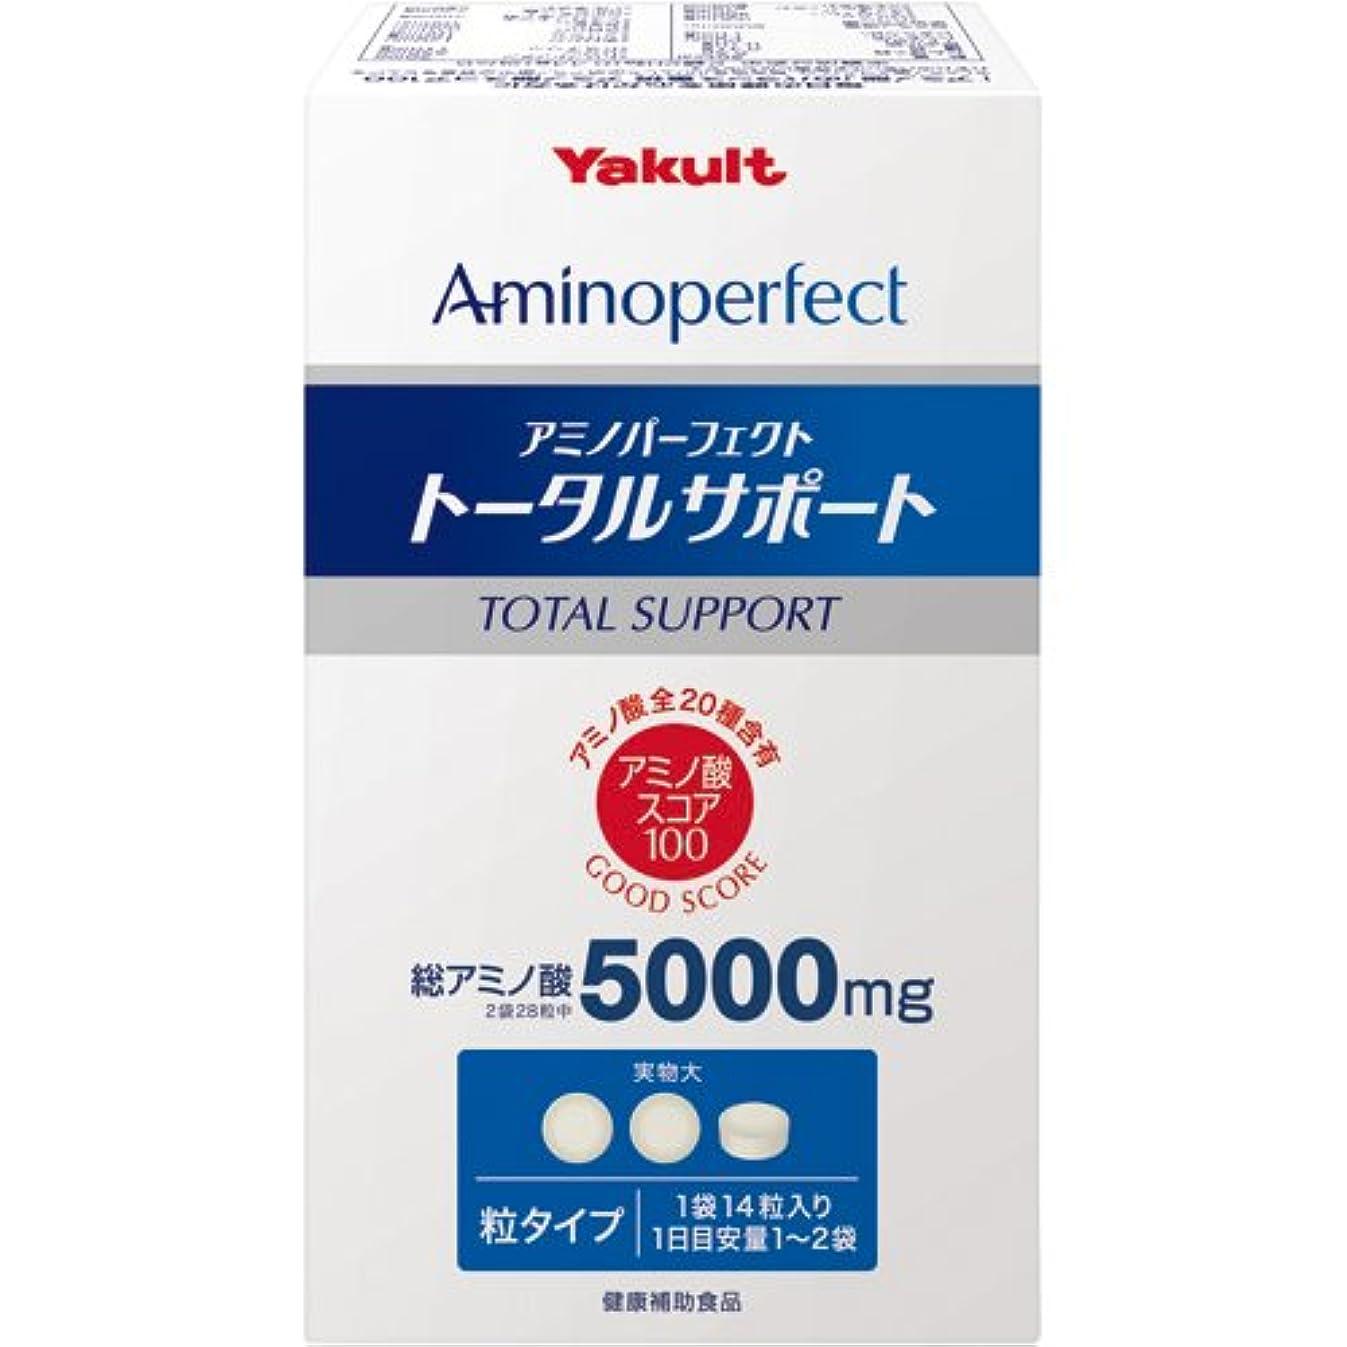 びっくり麻酔薬悲しみヤクルト アミノパーフェクト トータルサポート14粒×30袋